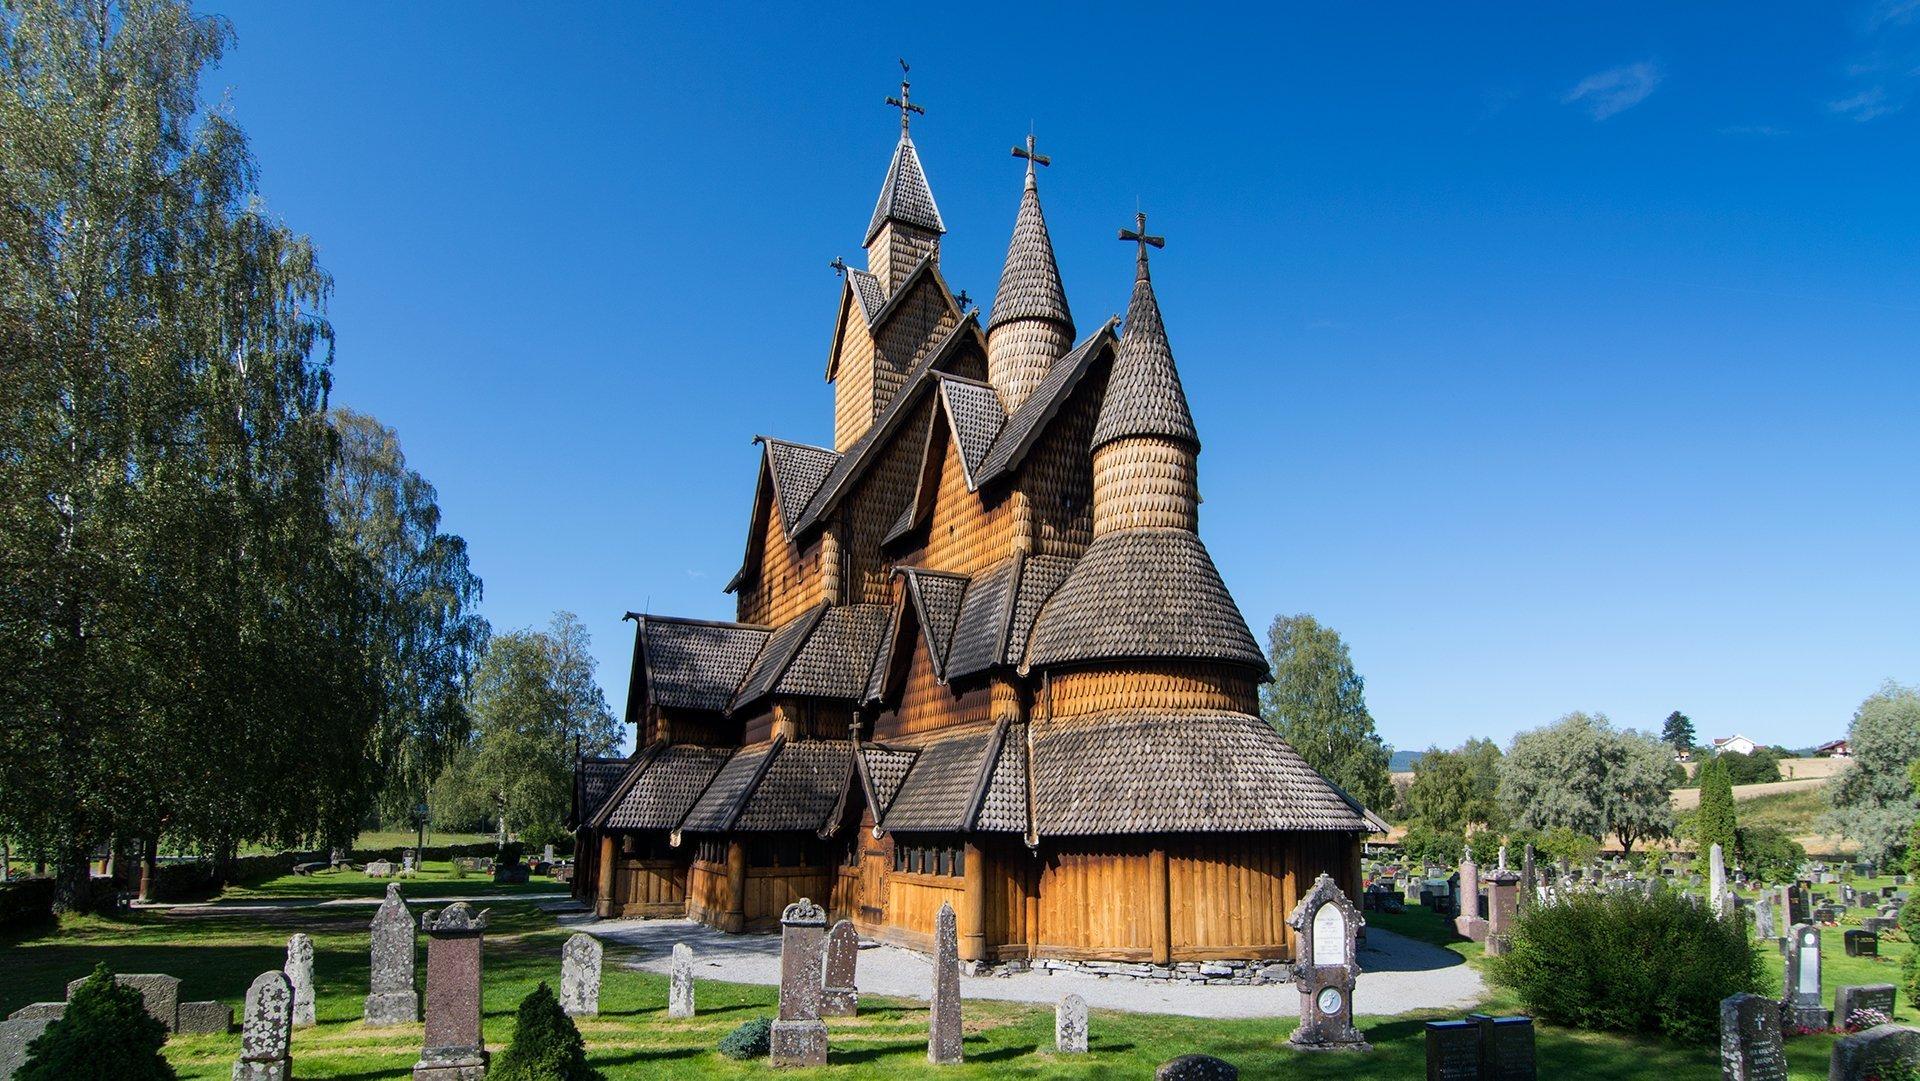 The Heddal stave church in Notodden, Telemark, Norway. | Photo: Dagfinn Rasmussen - Riksantikvaren cc by.